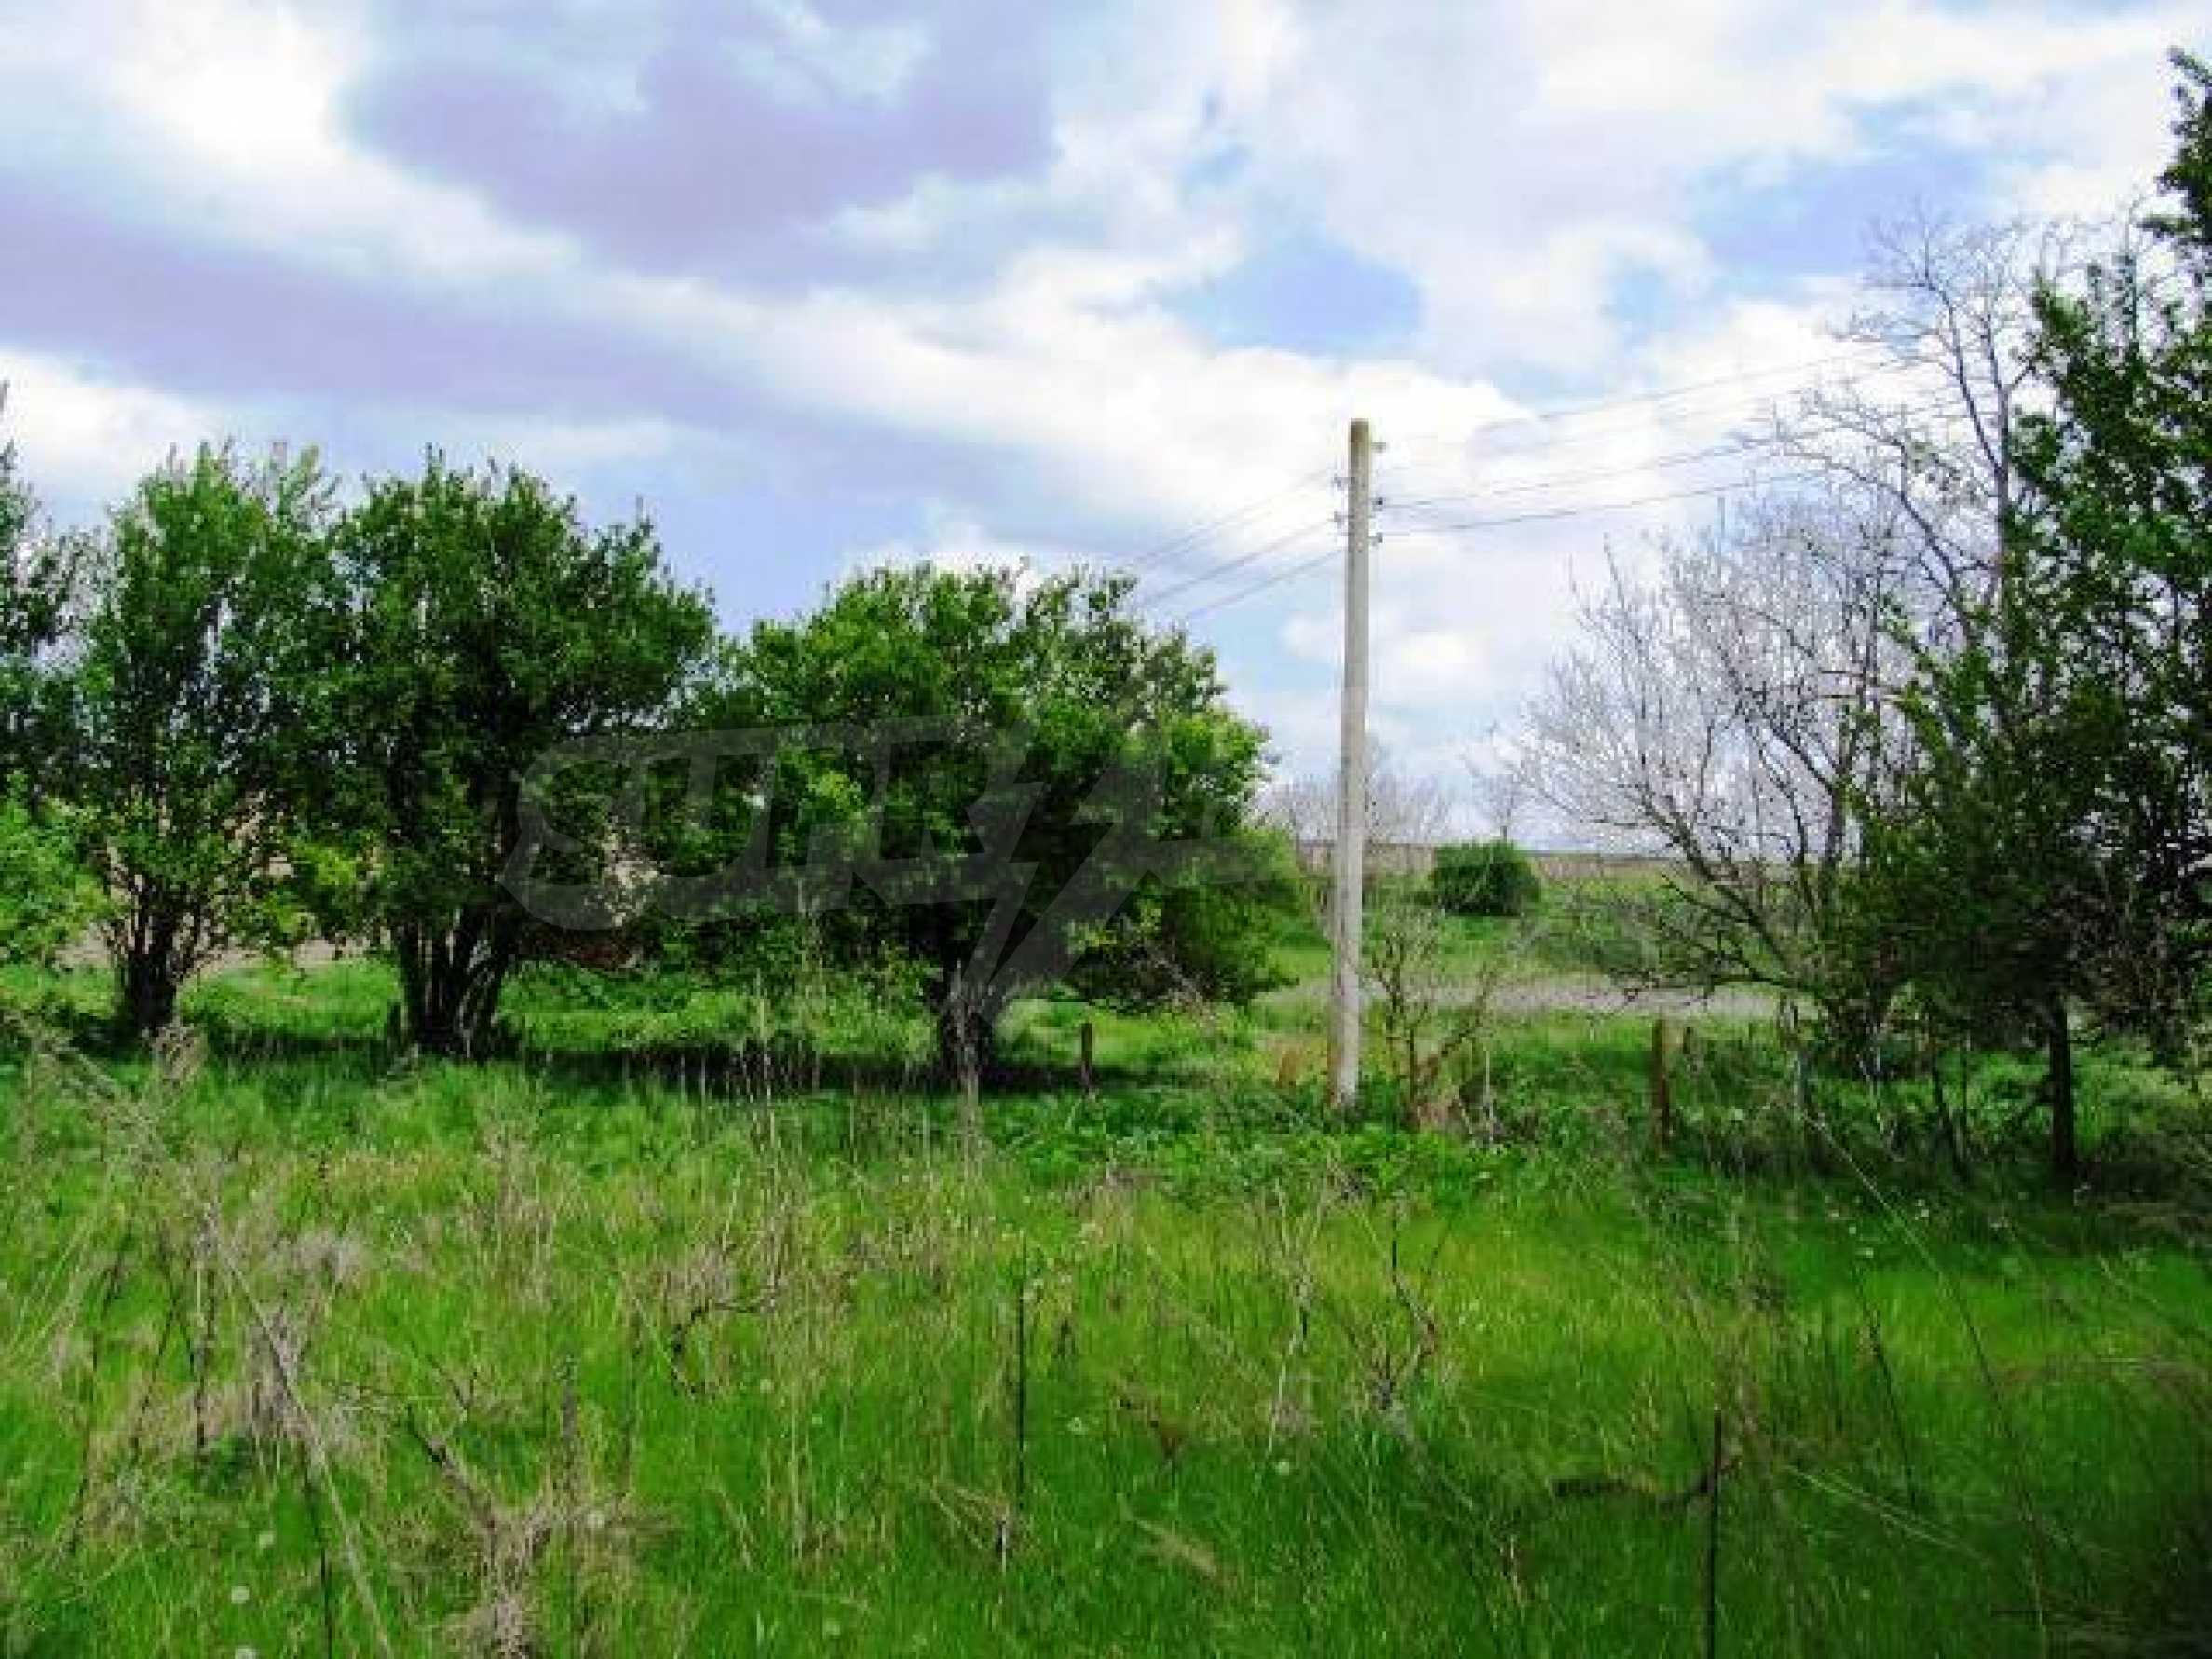 House for sale in Zementsi village near by Romanian border 15